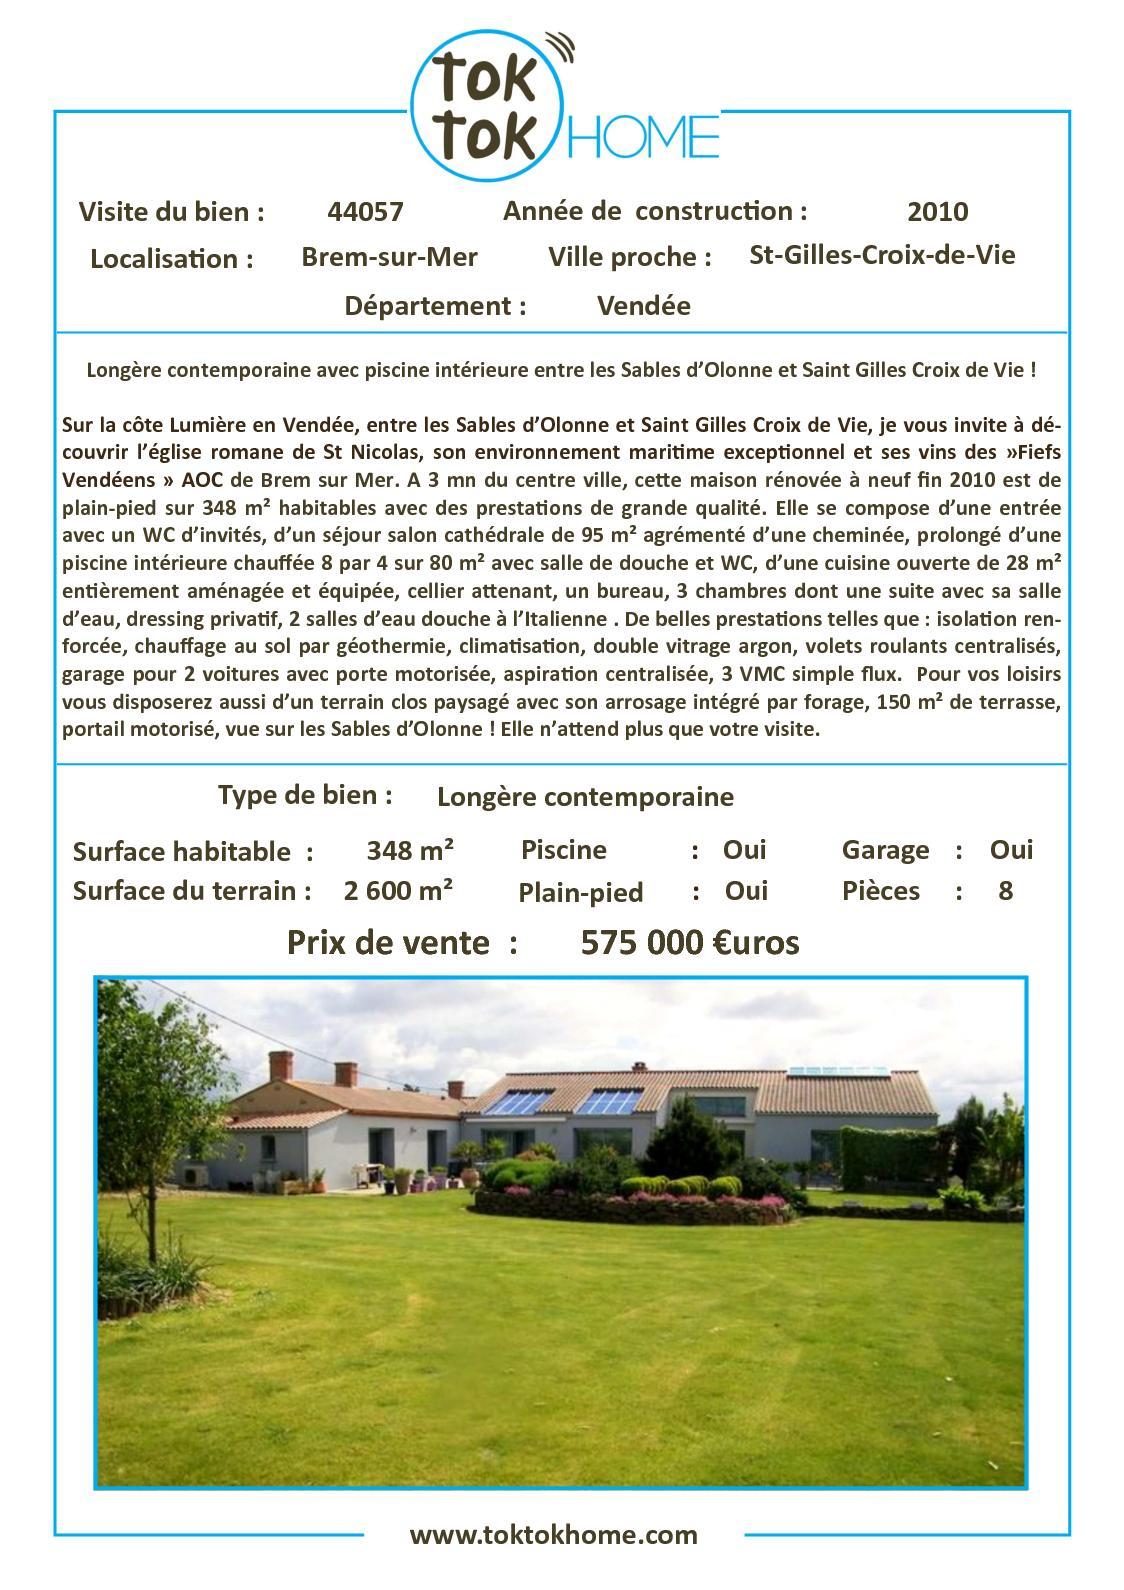 Calaméo - 44057 - Longère Contemporaine Avec Piscine ... encequiconcerne Piscine St Gilles Croix De Vie